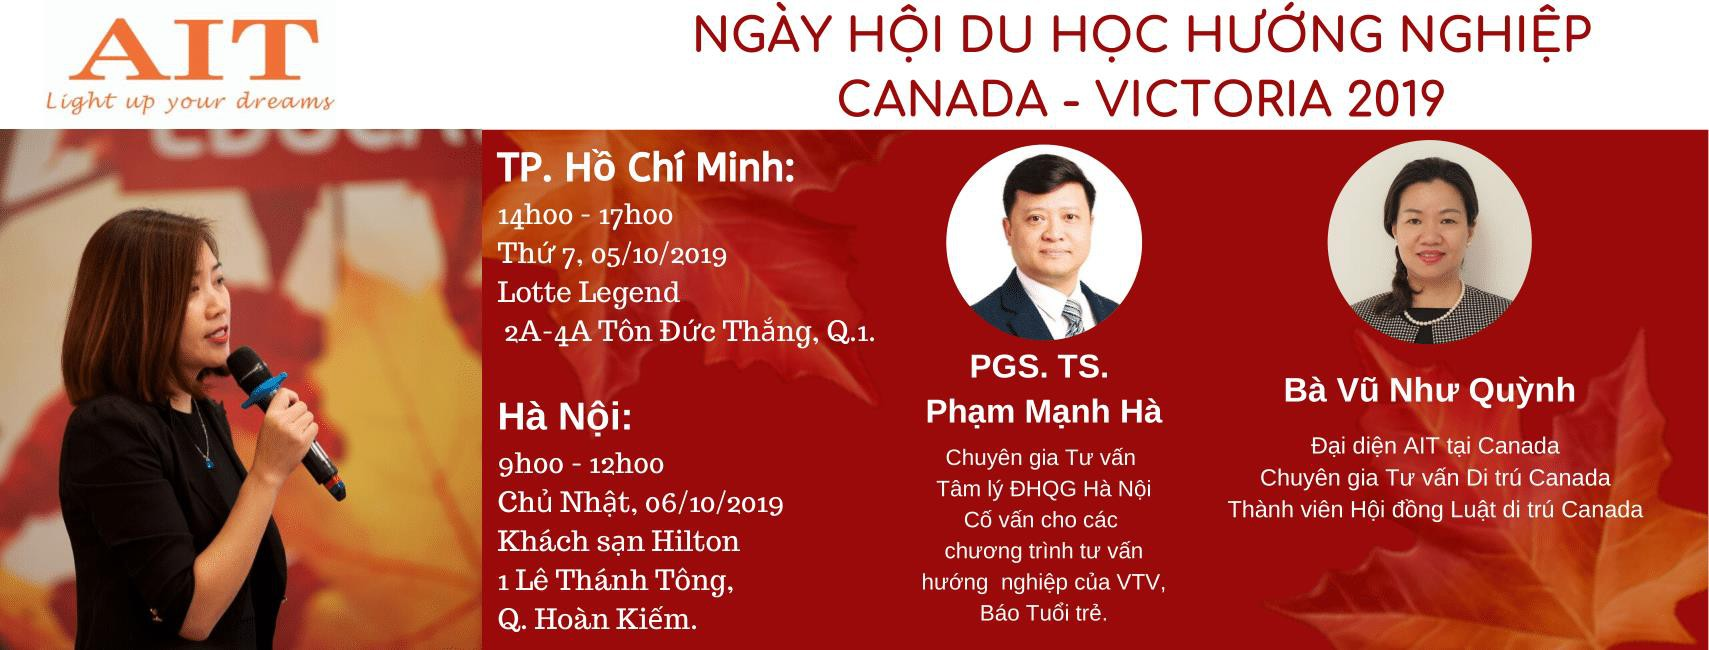 5 lý do bạn nên tham dự Ngày hội du học hướng nghiệp Victoria - Canada 2019 - Ảnh 2.